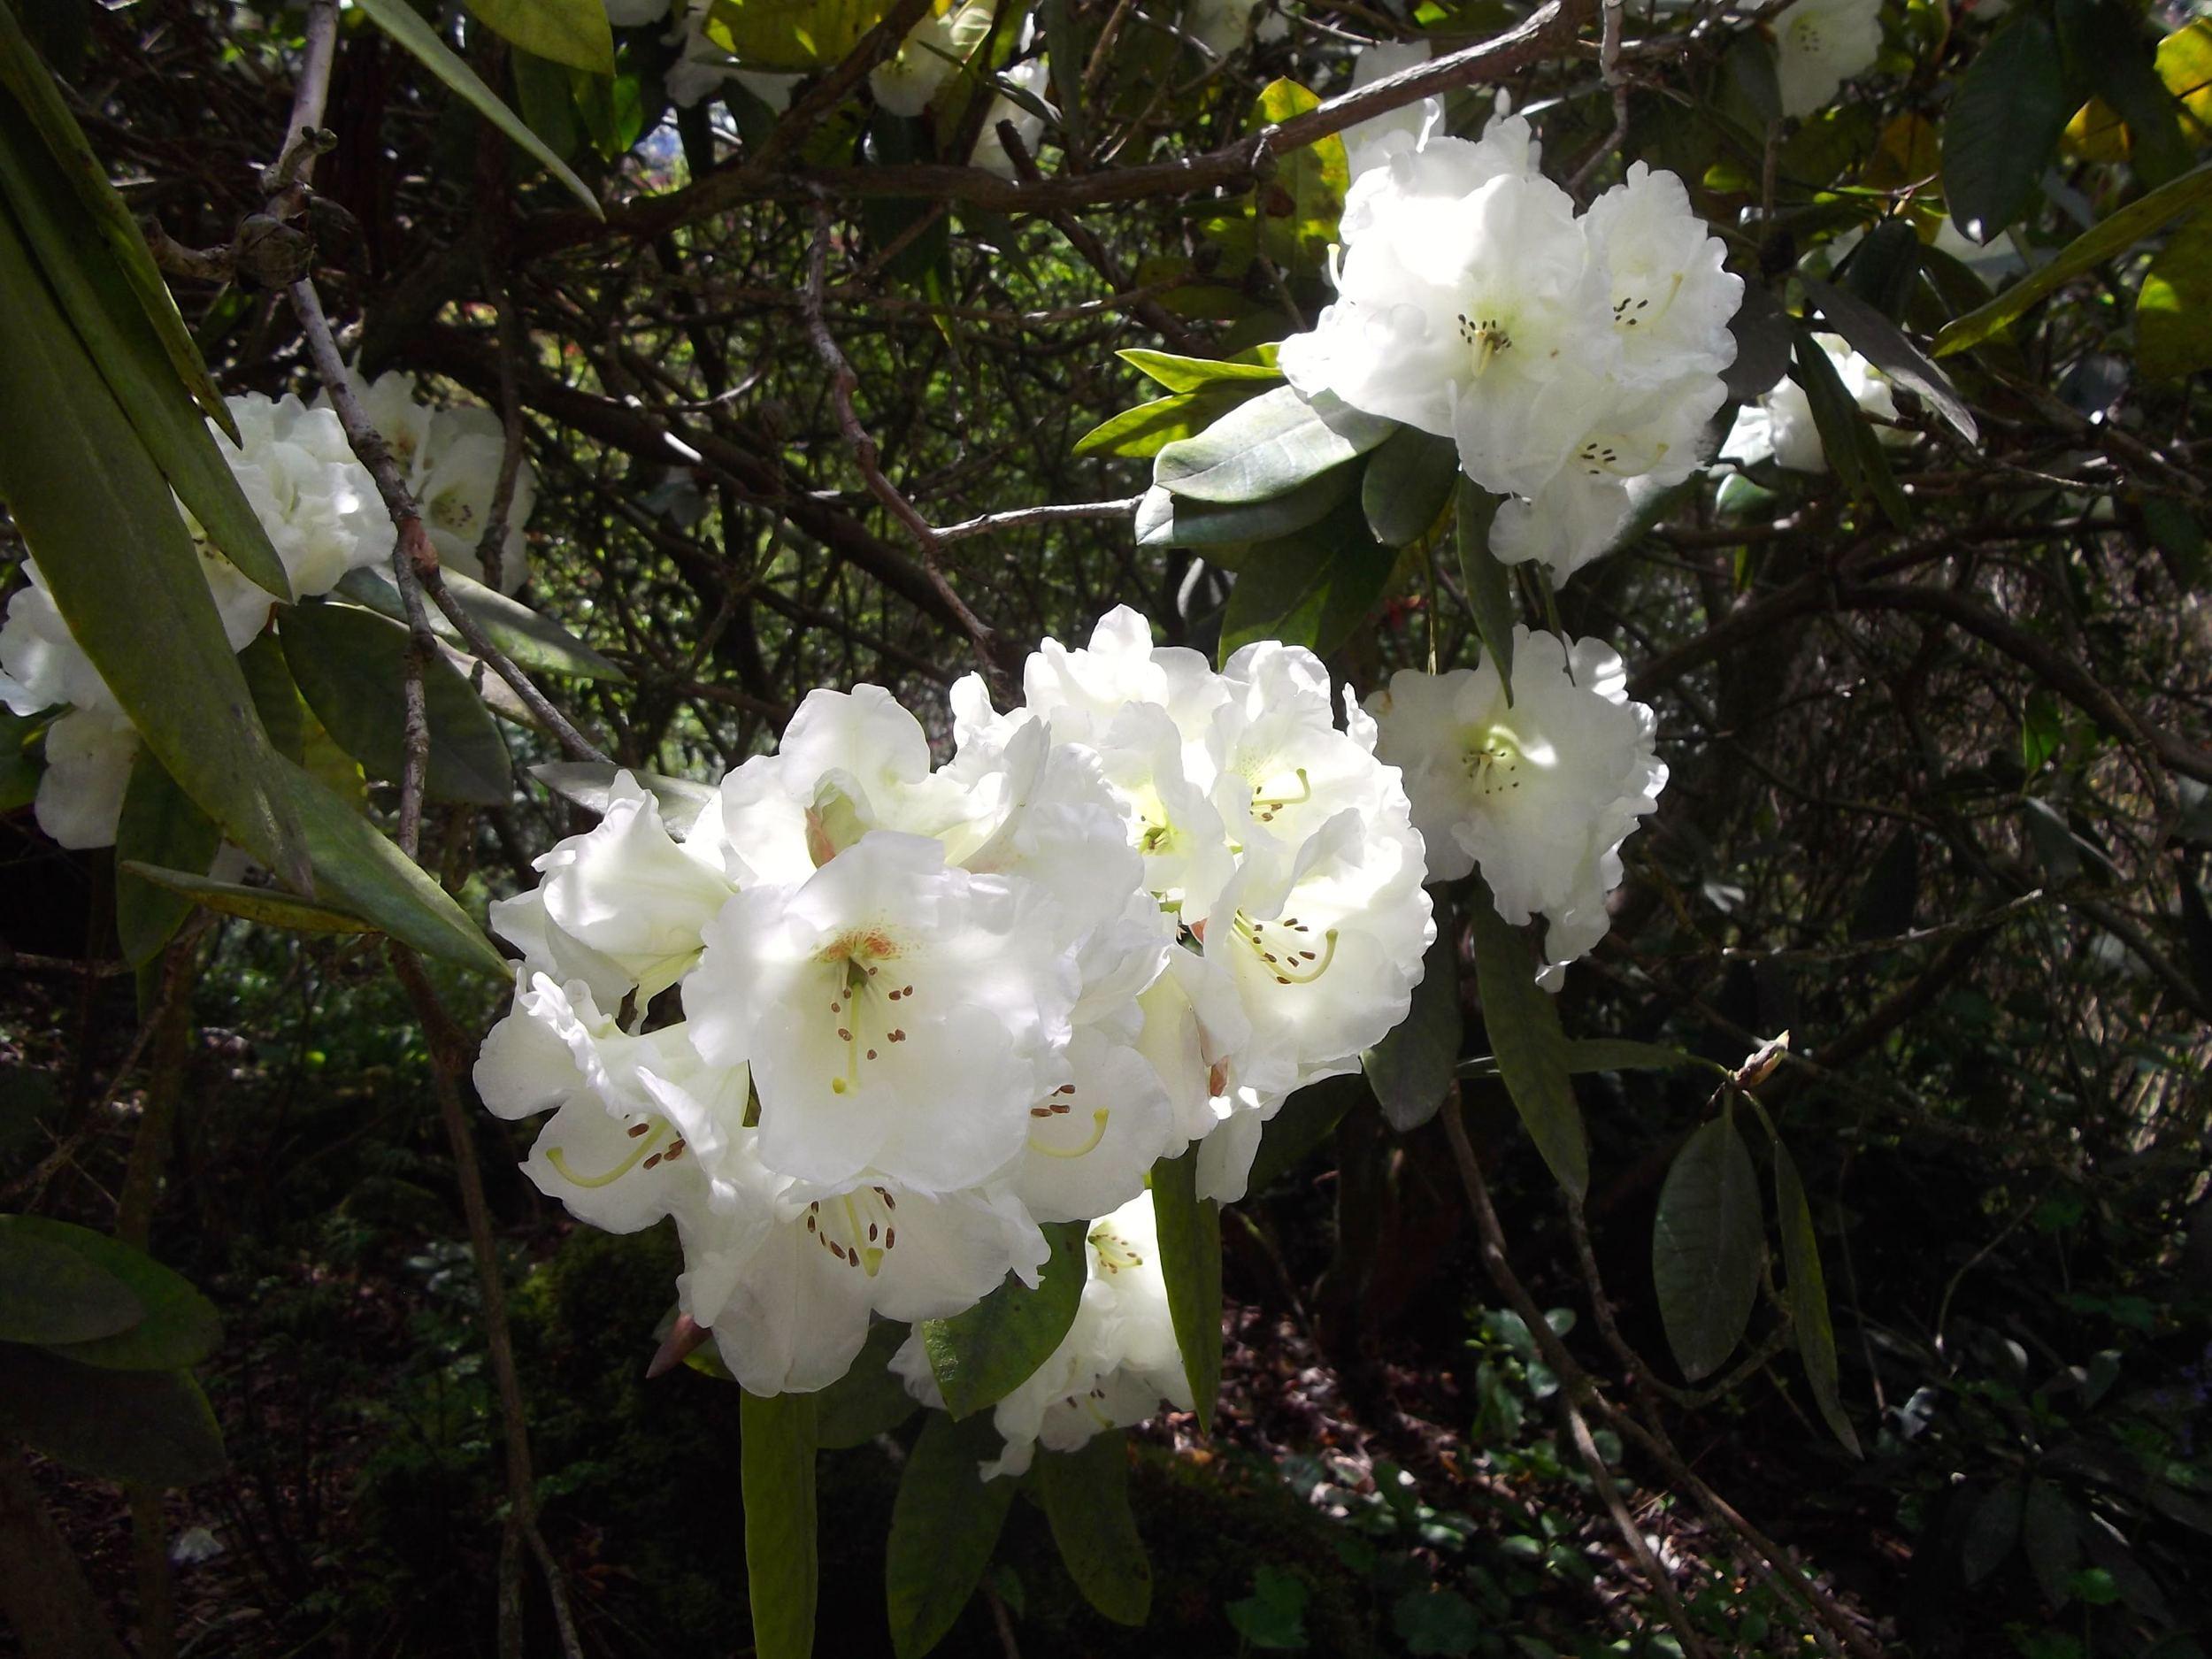 Standen_rhododendron.jpg